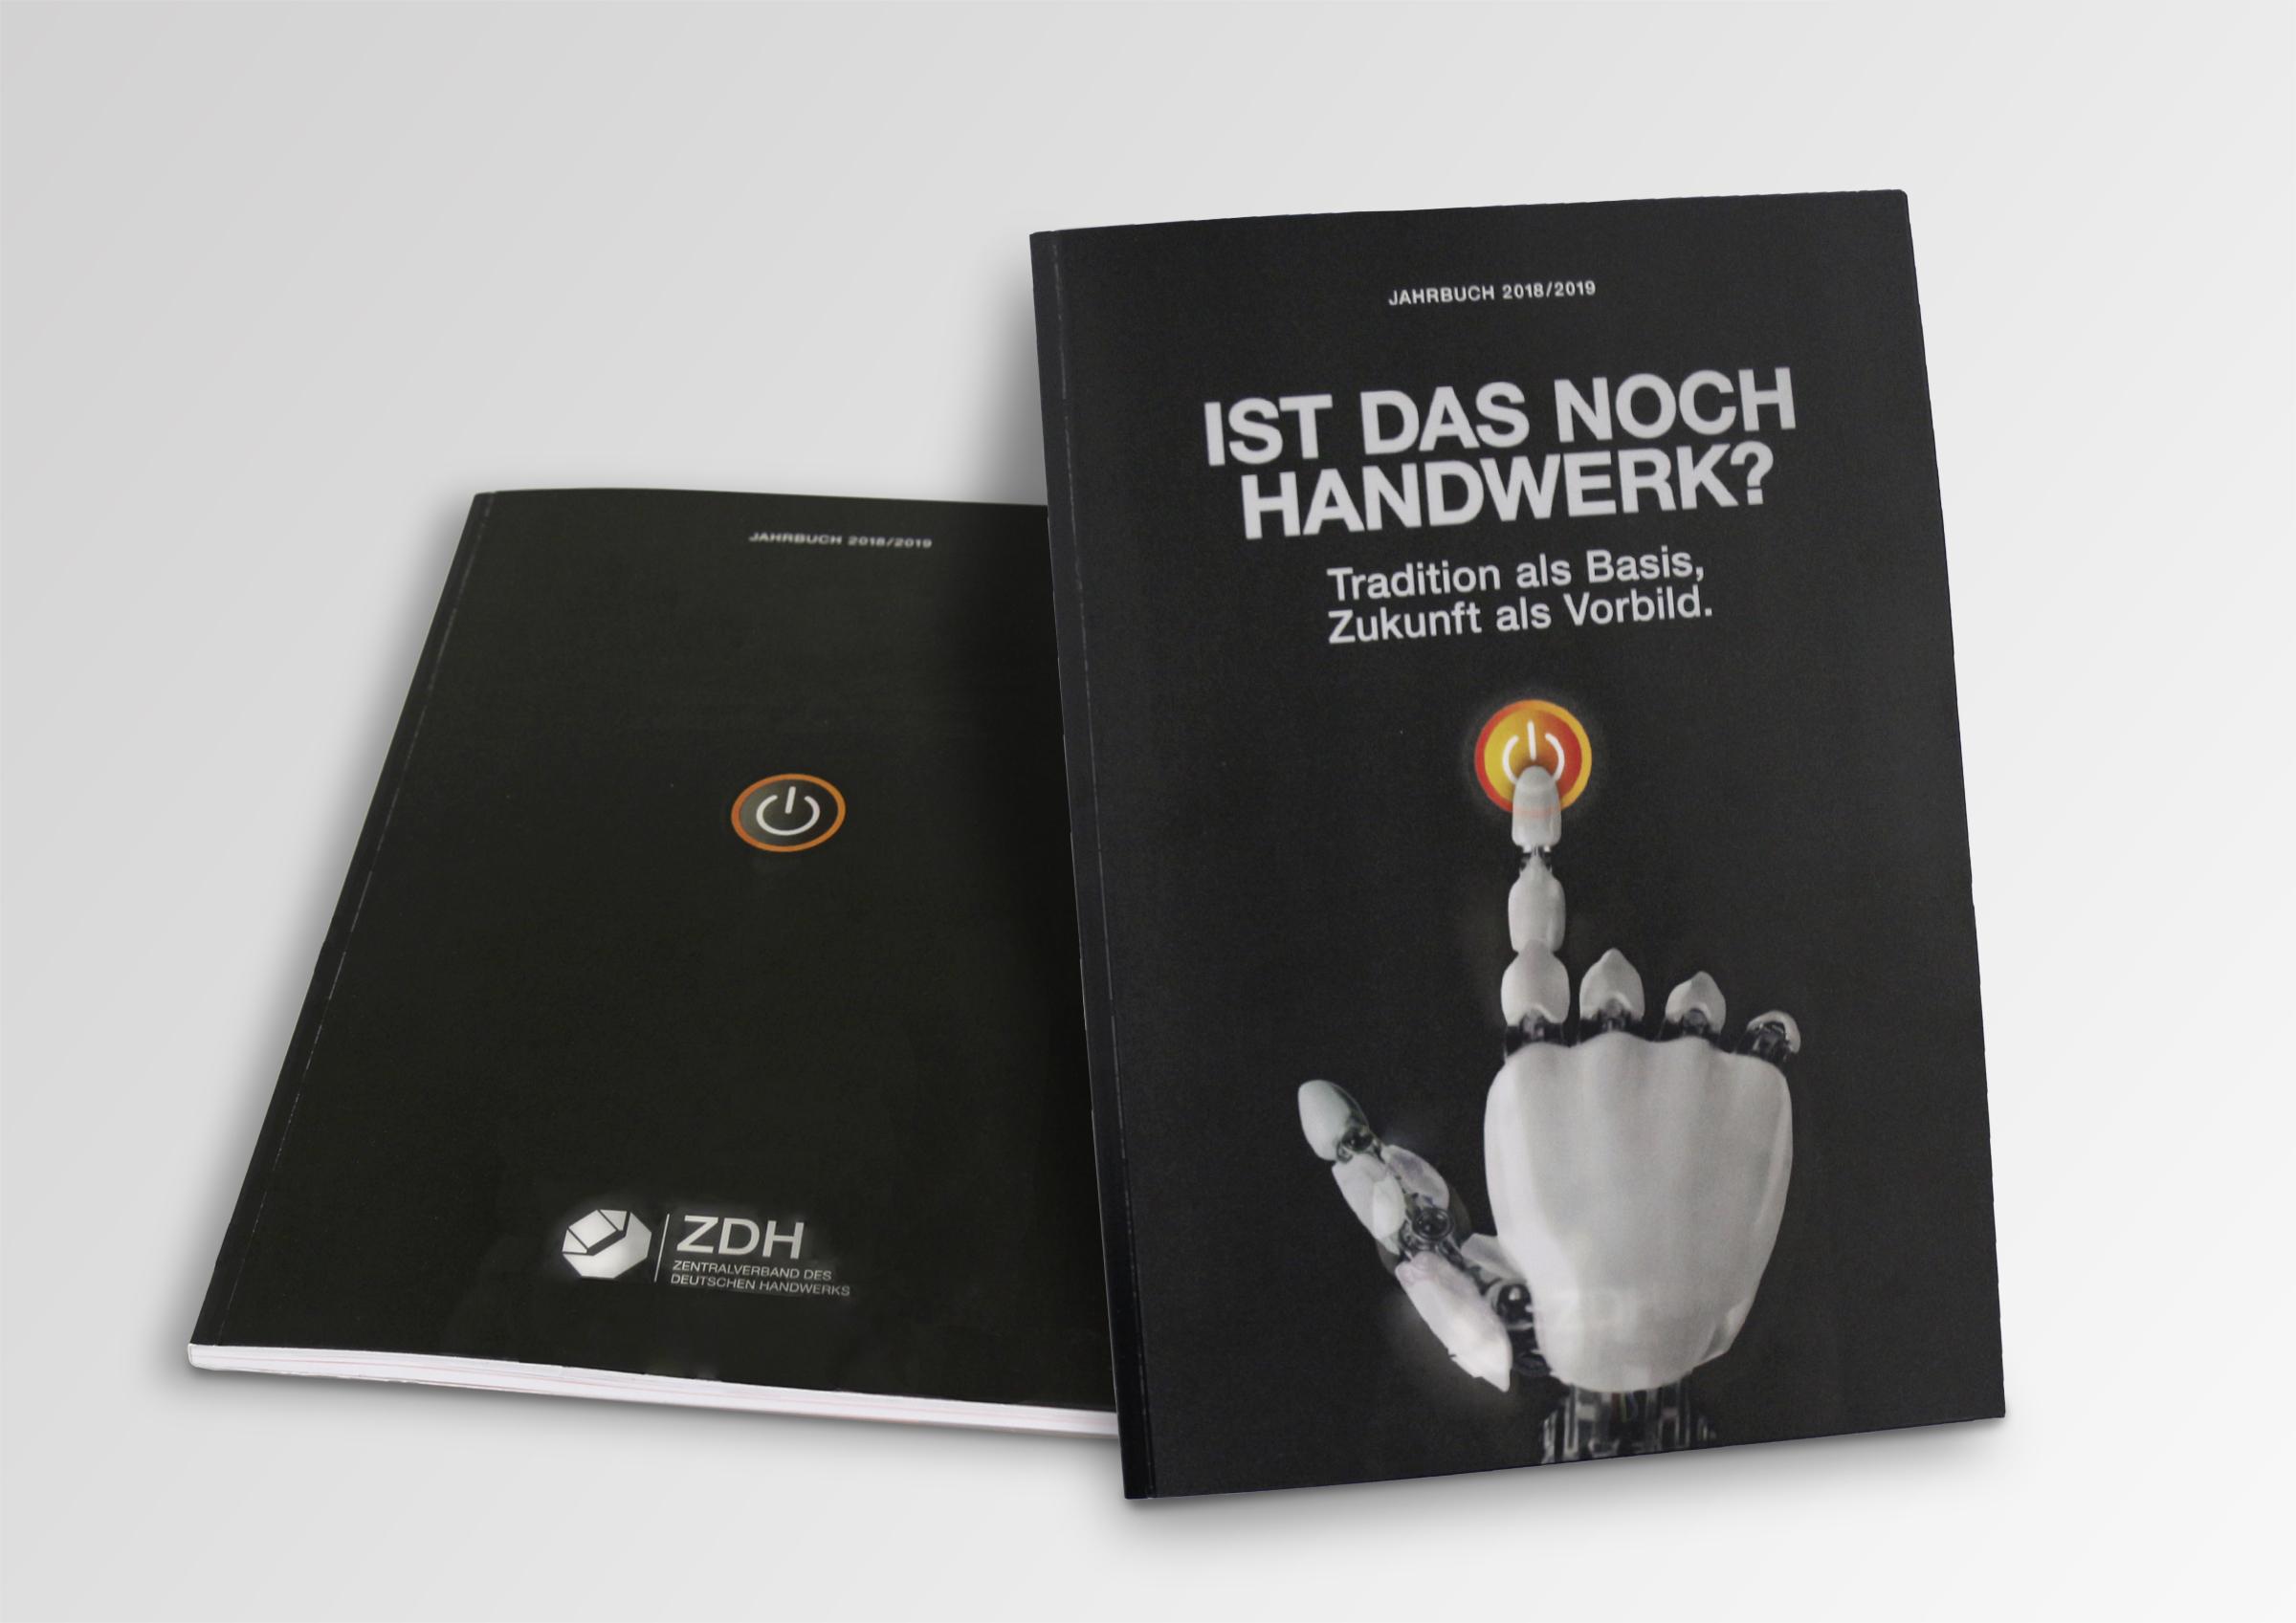 Imagedrucke Lenticularcover